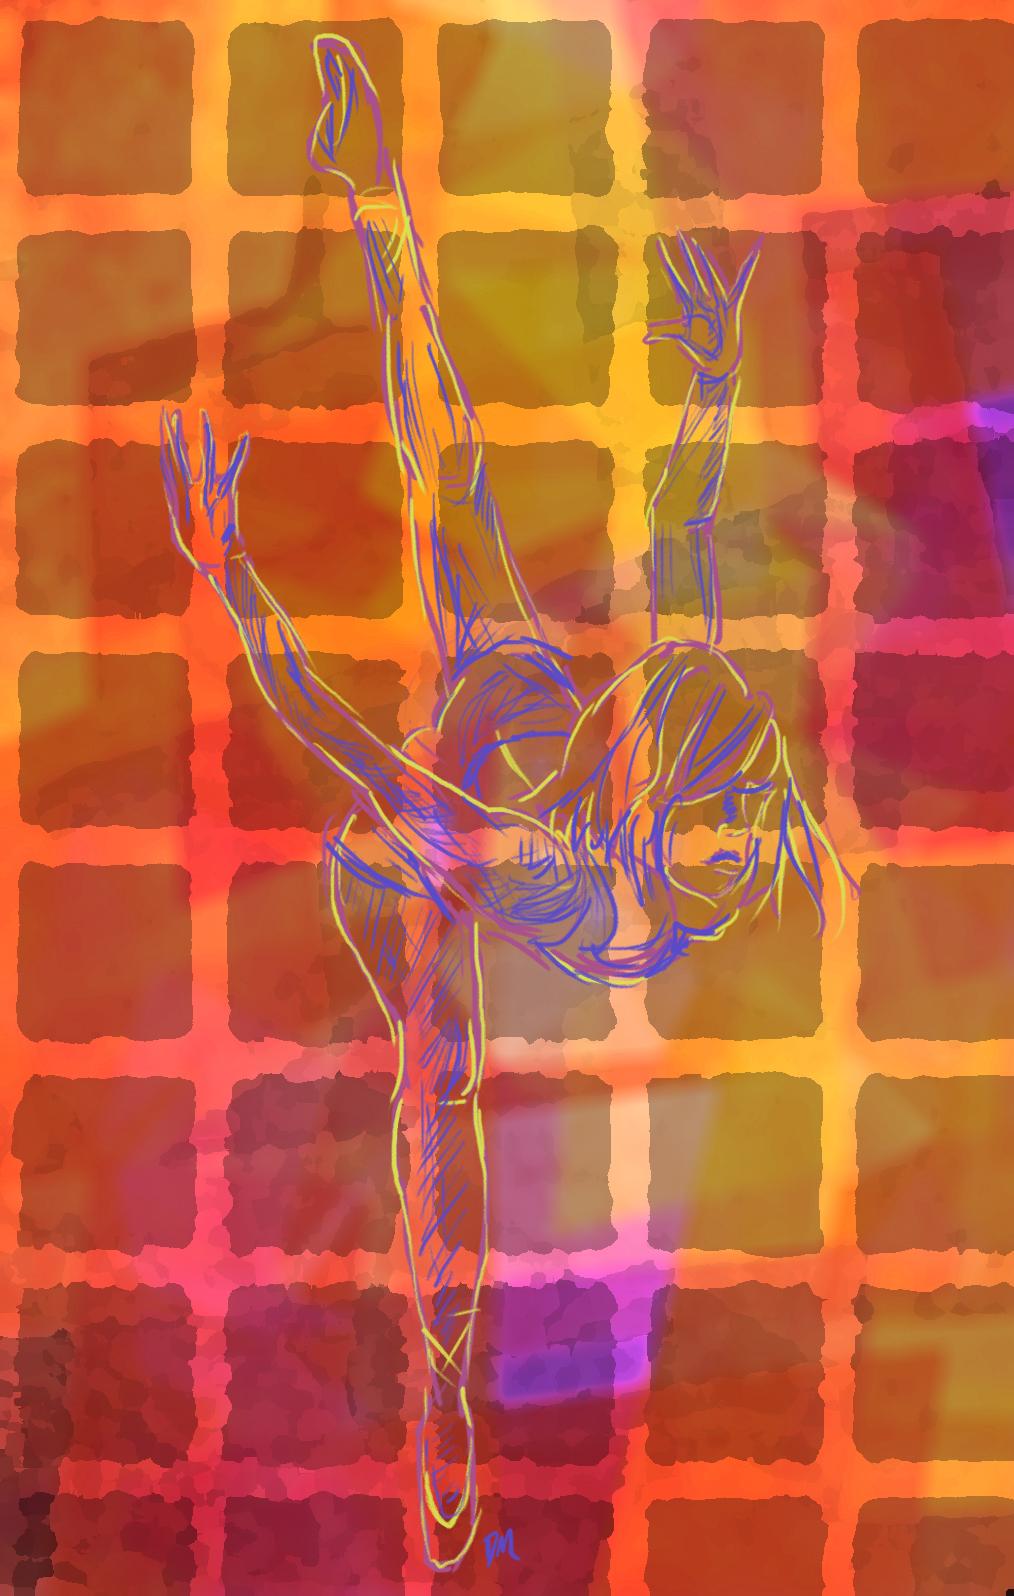 Dancing in Color by Debra-Marie